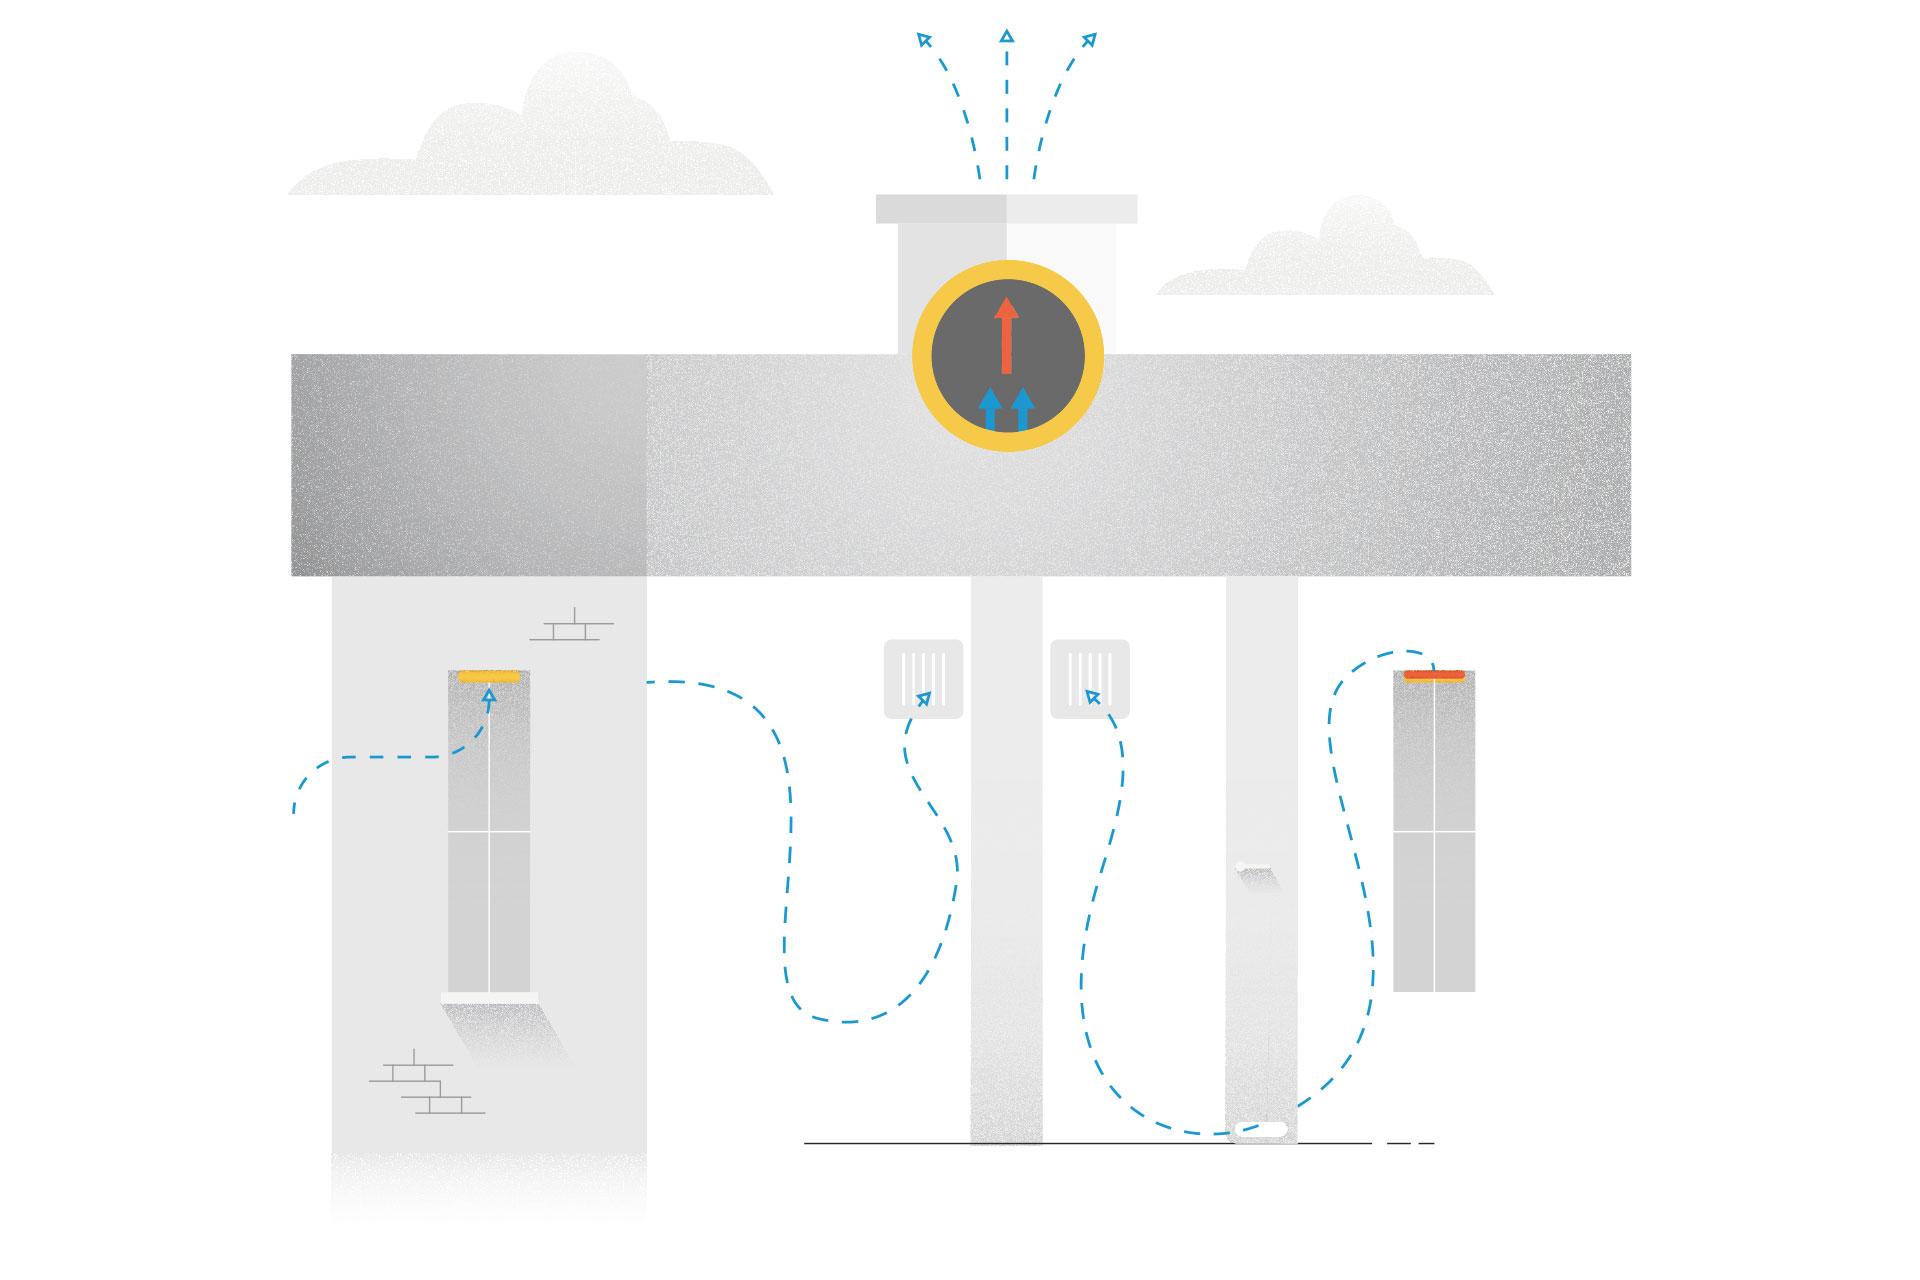 Sposób działania wentylacji grawitacyjnej - powietrze wpływa przez nawiewnik okienny izostaje odprowadzone kratkąwentylacyjną